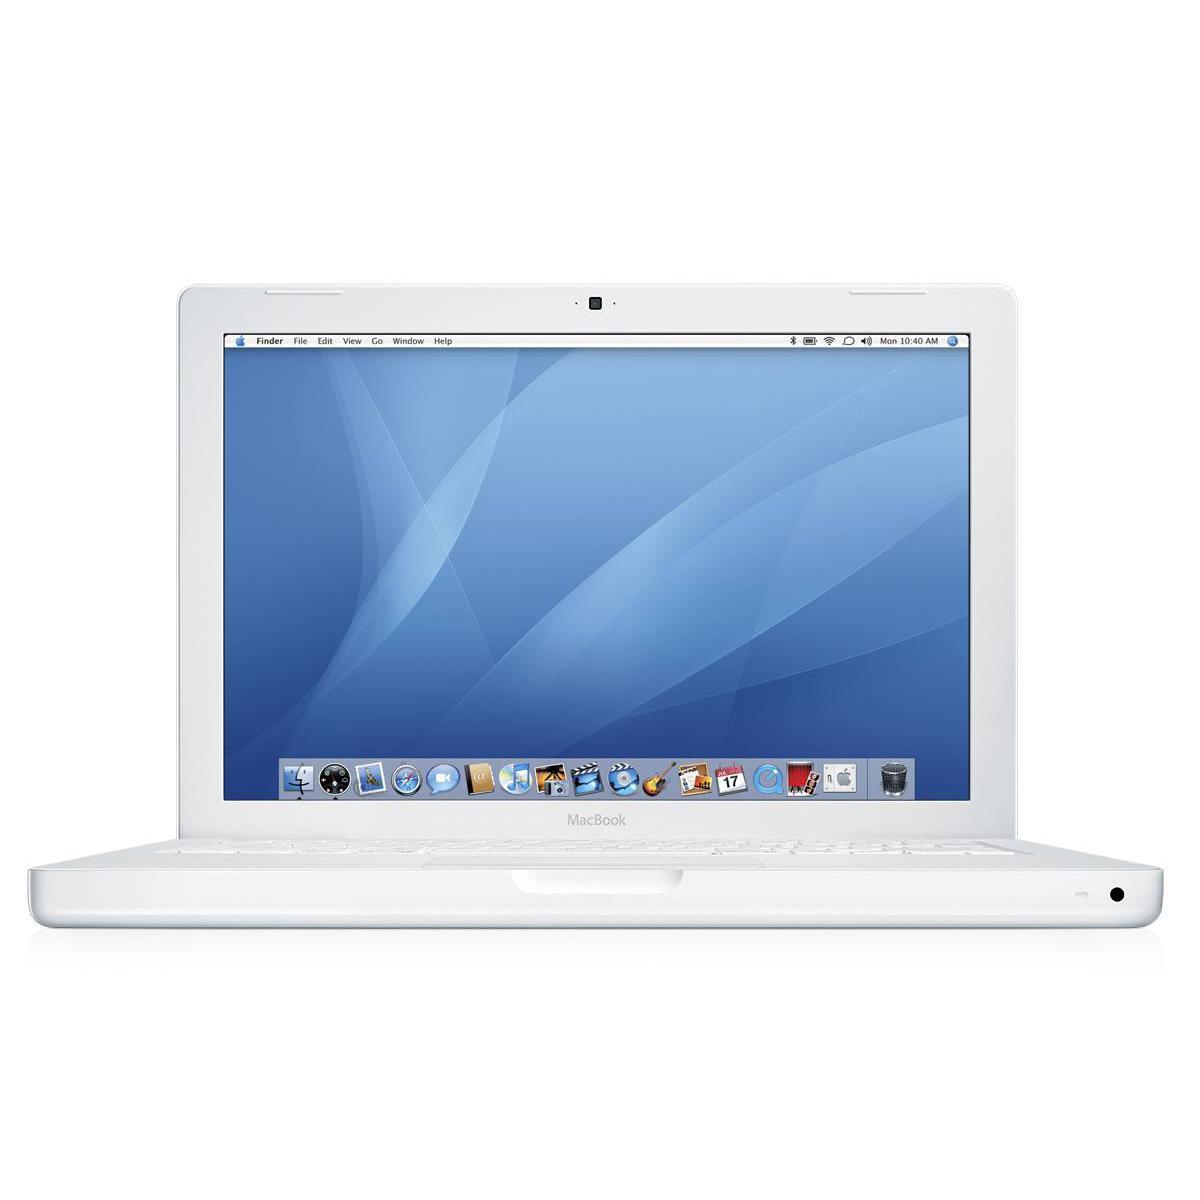 """MacBook 13"""" (2007) - Core 2 Duo 2,2 GHz - HDD 160 GB - 2GB - AZERTY - Französisch"""